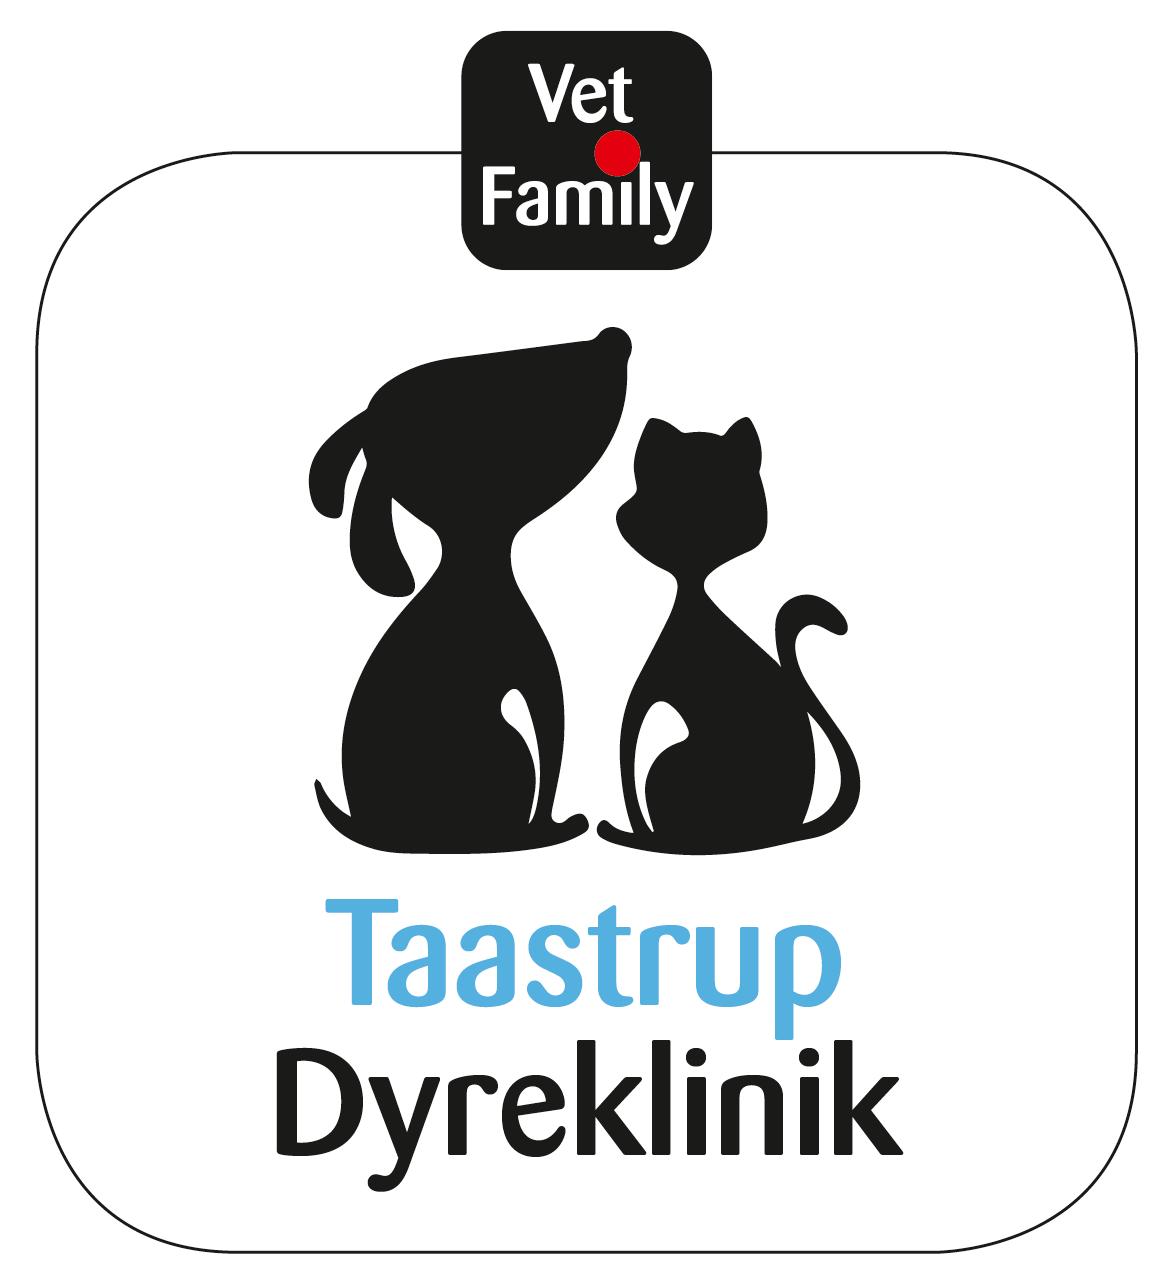 Taastrup Dyreklinik logo